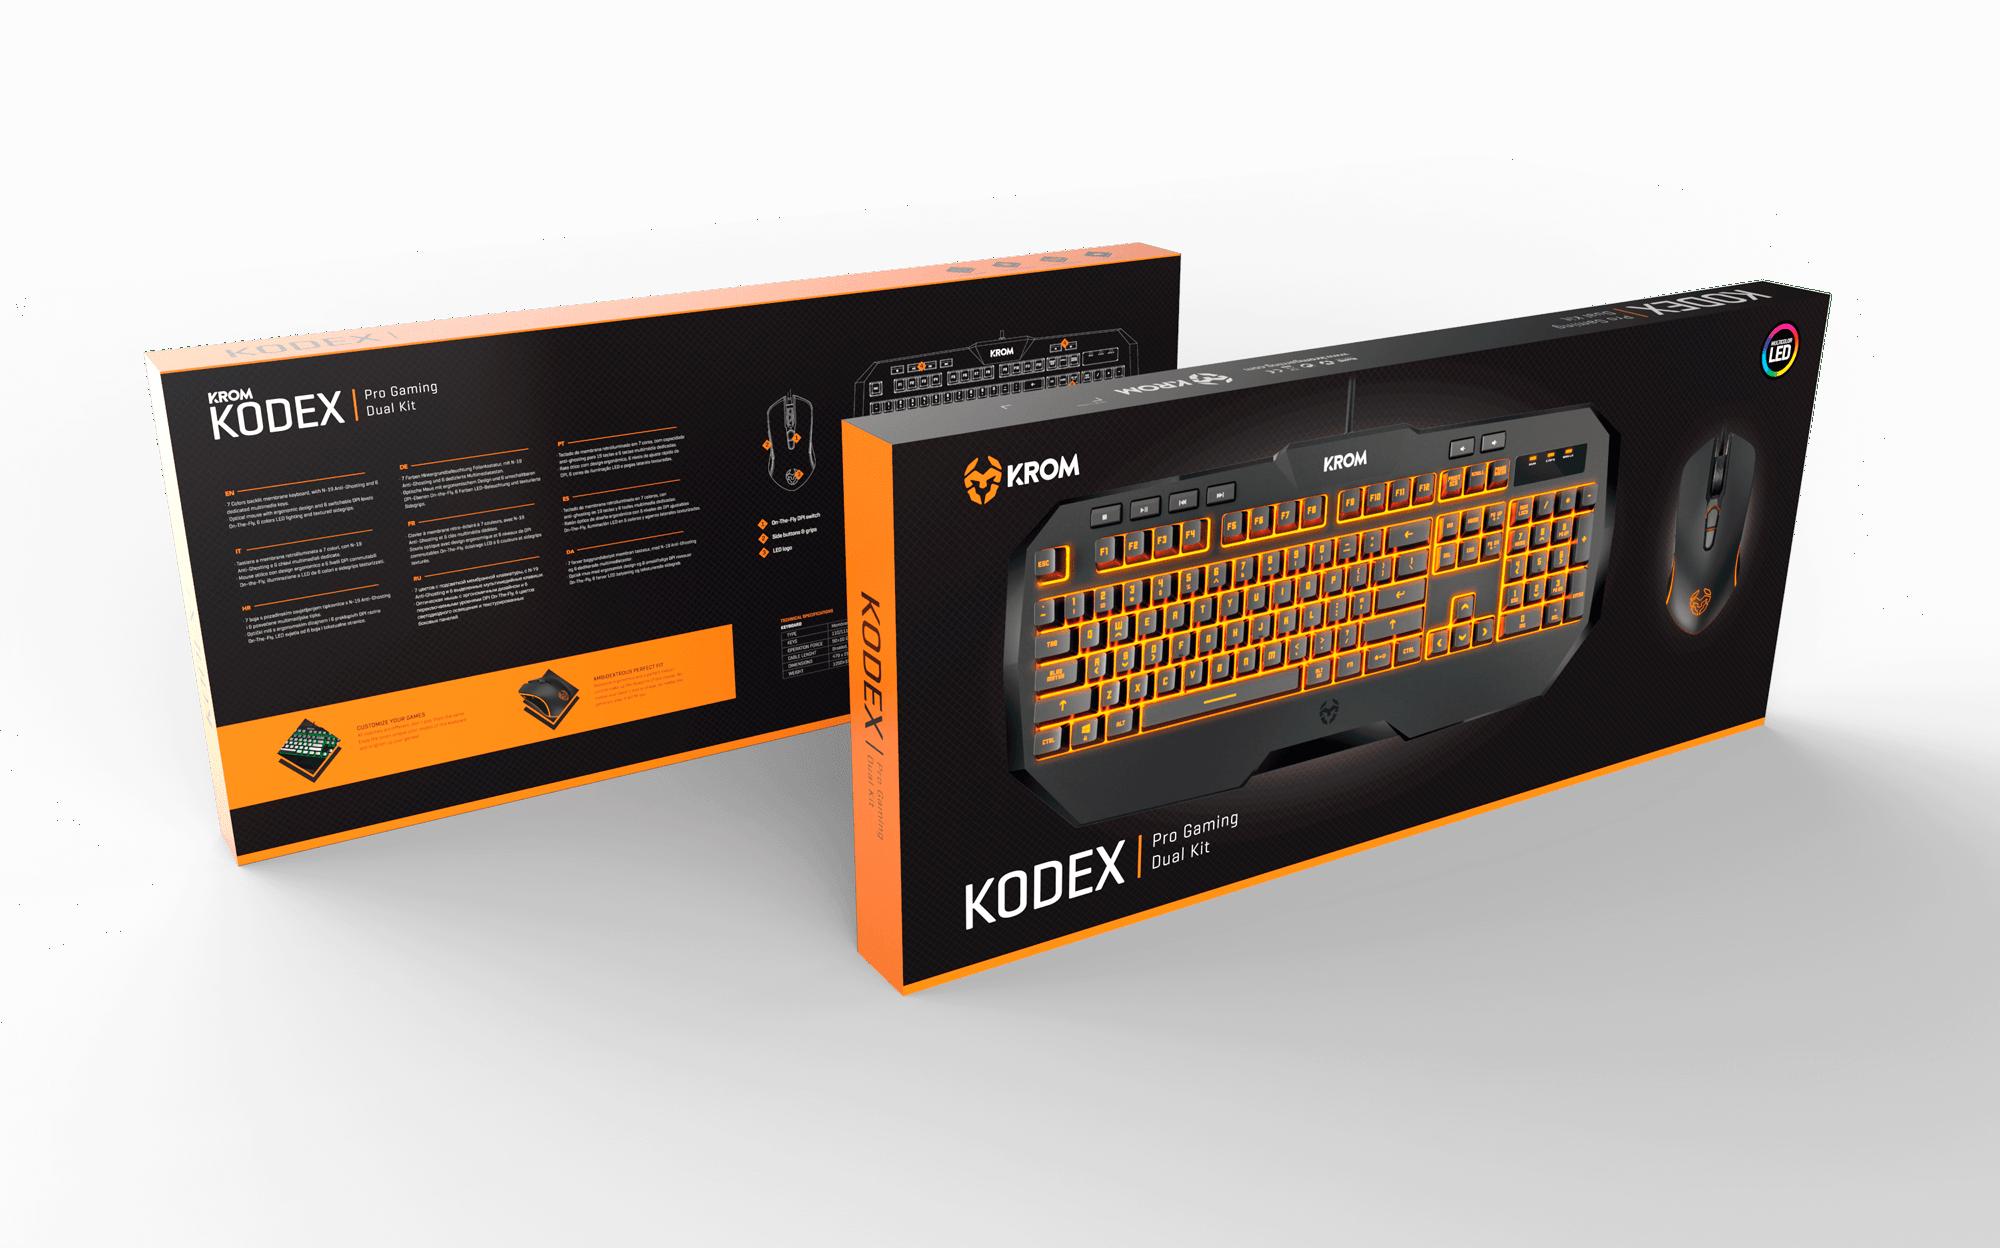 Krom_Kodex_packaging01